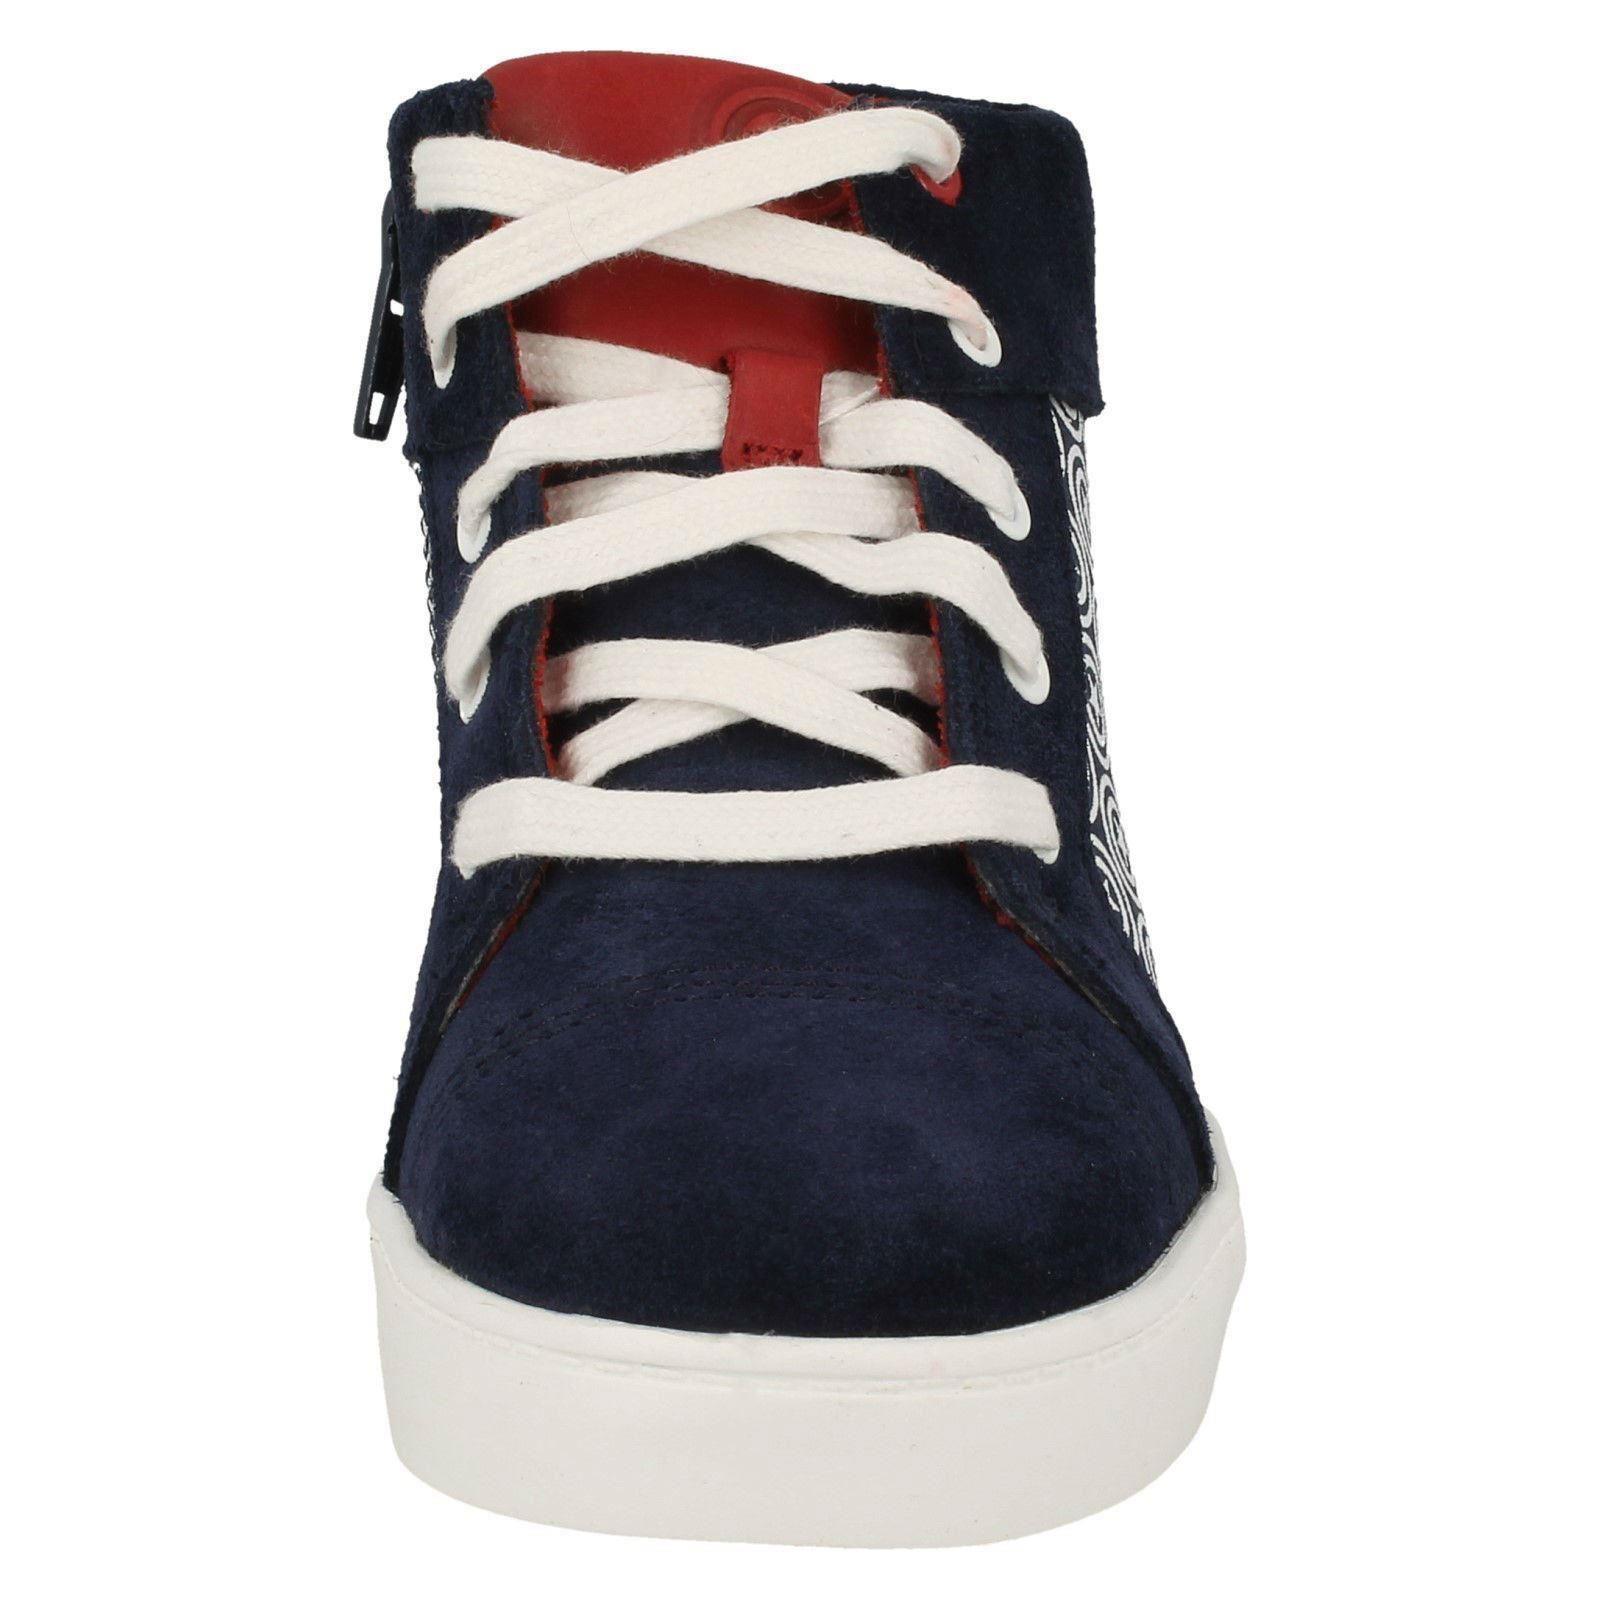 Clarks Boys Hi Top Casual Shoes /'City Hero Hi/'